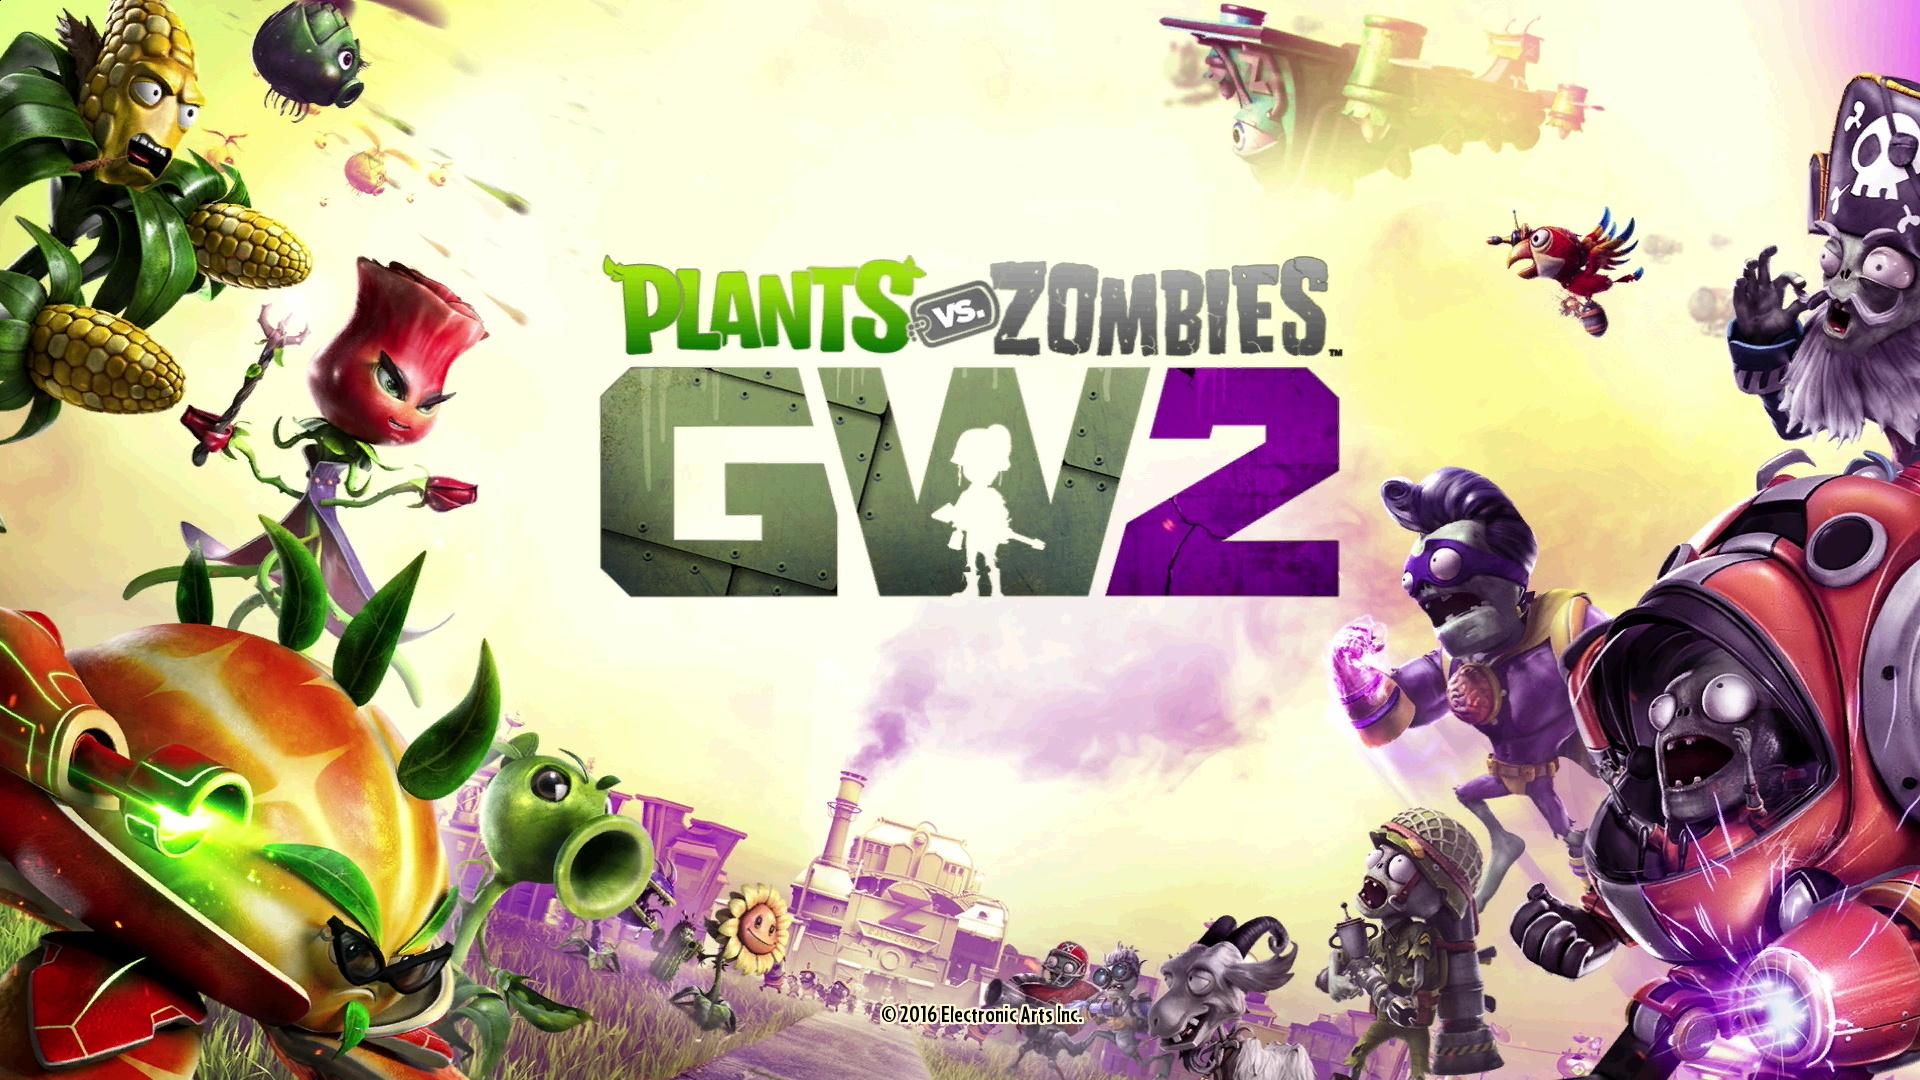 Plants vs zombies garden warfare 2 walkthrough hxchector plants vs zombies garden warfare 2 walkthrough voltagebd Image collections